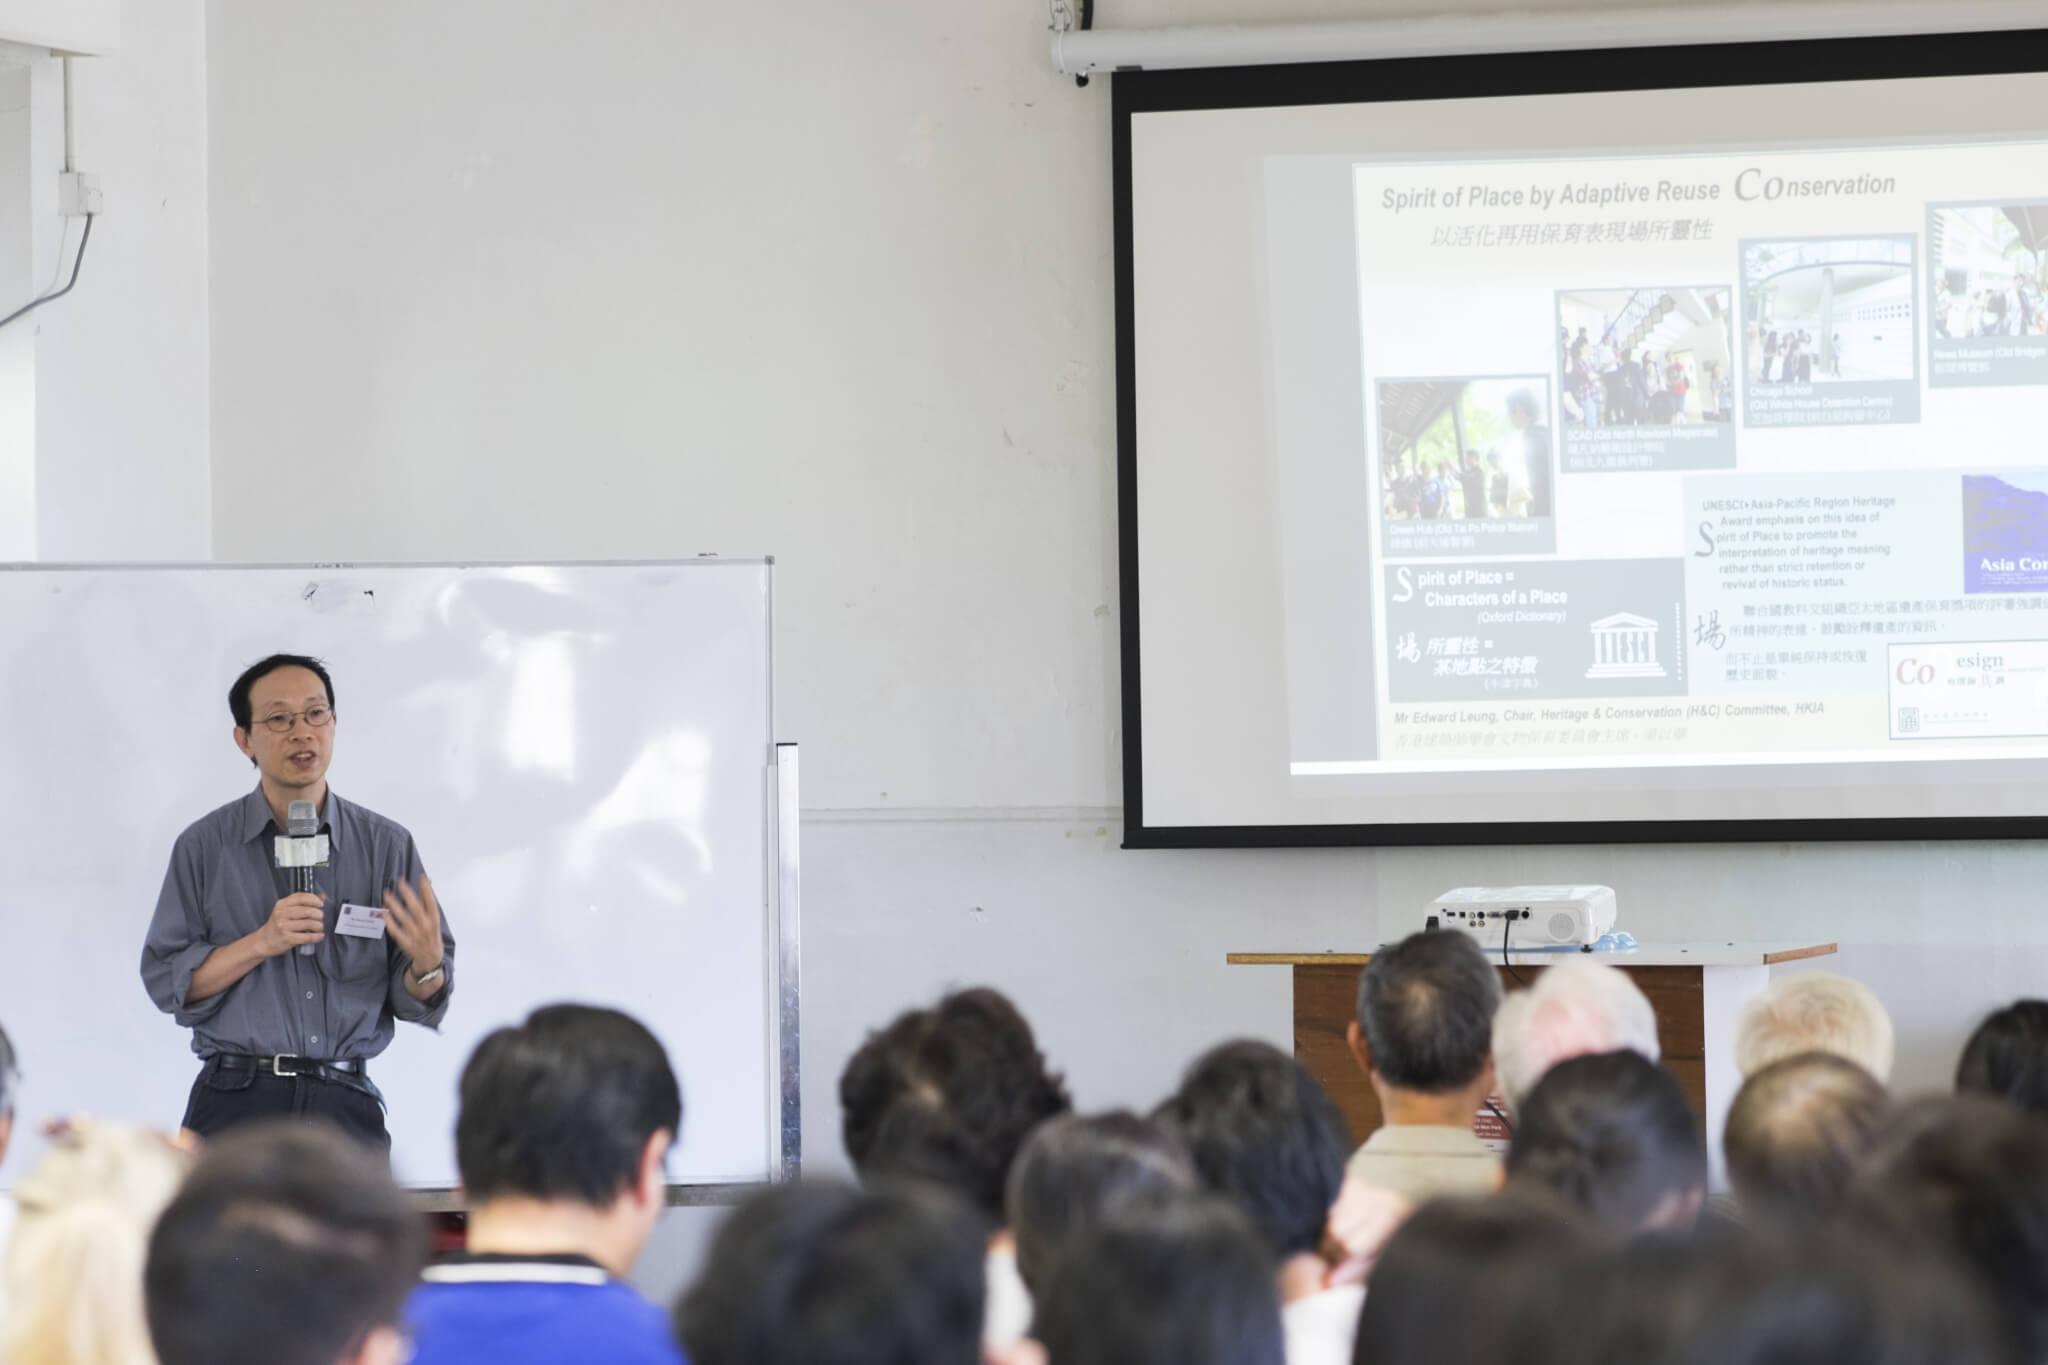 建築師學會古蹟及文物保育委員會主席梁以華講解「活化」概念和方法